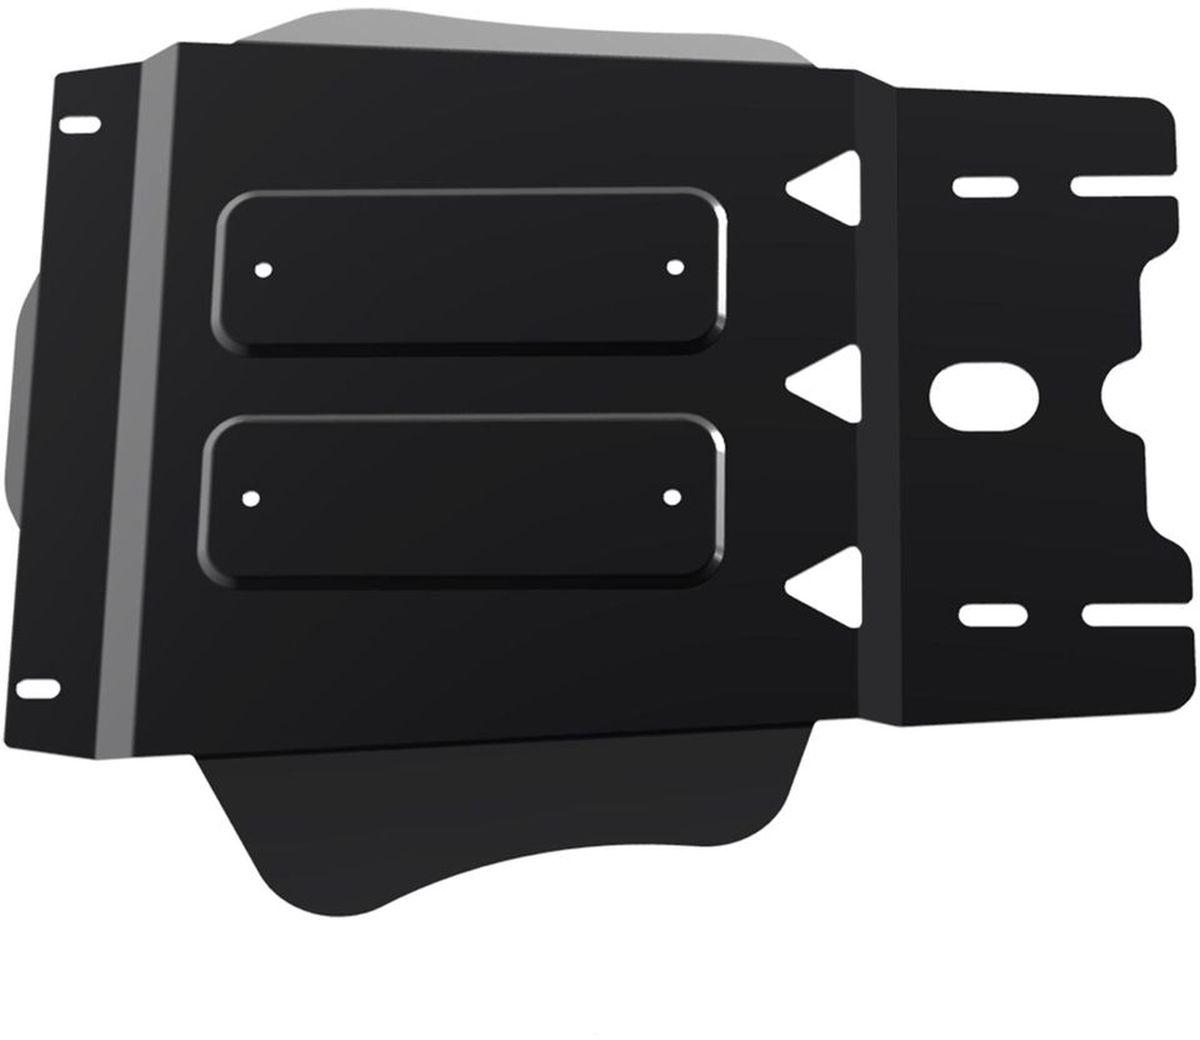 Защита КПП Автоброня, для Subaru Forester, V-2,0;2,5 (2013-)/Subaru XV, V -1,6;2,0 (2012-)111.05429.1Технологически совершенный продукт за невысокую стоимость. Защита разработана с учетом особенностей днища автомобиля, что позволяет сохранить дорожный просвет с минимальным изменением. Защита устанавливается в штатные места кузова автомобиля. Глубокий штамп обеспечивает до двух раз больше жесткости в сравнении с обычной защитой той же толщины. Проштампованные ребра жесткости препятствуют деформации защиты при ударах. Тепловой зазор и вентиляционные отверстия обеспечивают сохранение температурного режима двигателя в норме. Скрытый крепеж предотвращает срыв крепежных элементов при наезде на препятствие. Шумопоглощающие резиновые элементы обеспечивают комфортную езду без вибраций и скрежета металла, а съемные лючки для слива масла и замены фильтра - экономию средств и время. Конструкция изделия не влияет на пассивную безопасность автомобиля (при ударе защита не воздействует на деформационные зоны кузова). Со штатным крепежом. В комплекте инструкция по установке....